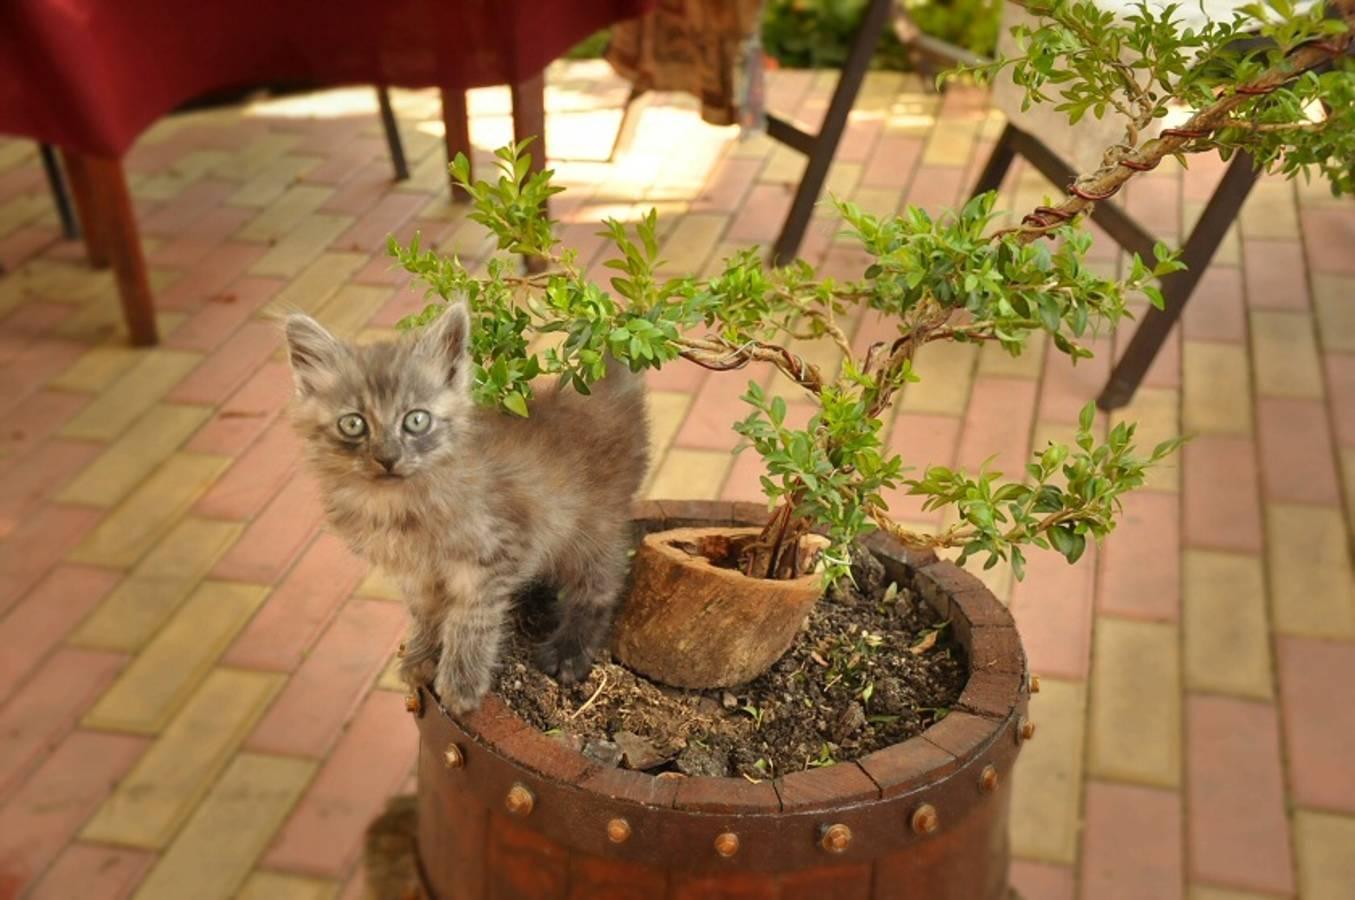 Почему коты уходят из дома. сколько дней могут гулять коты